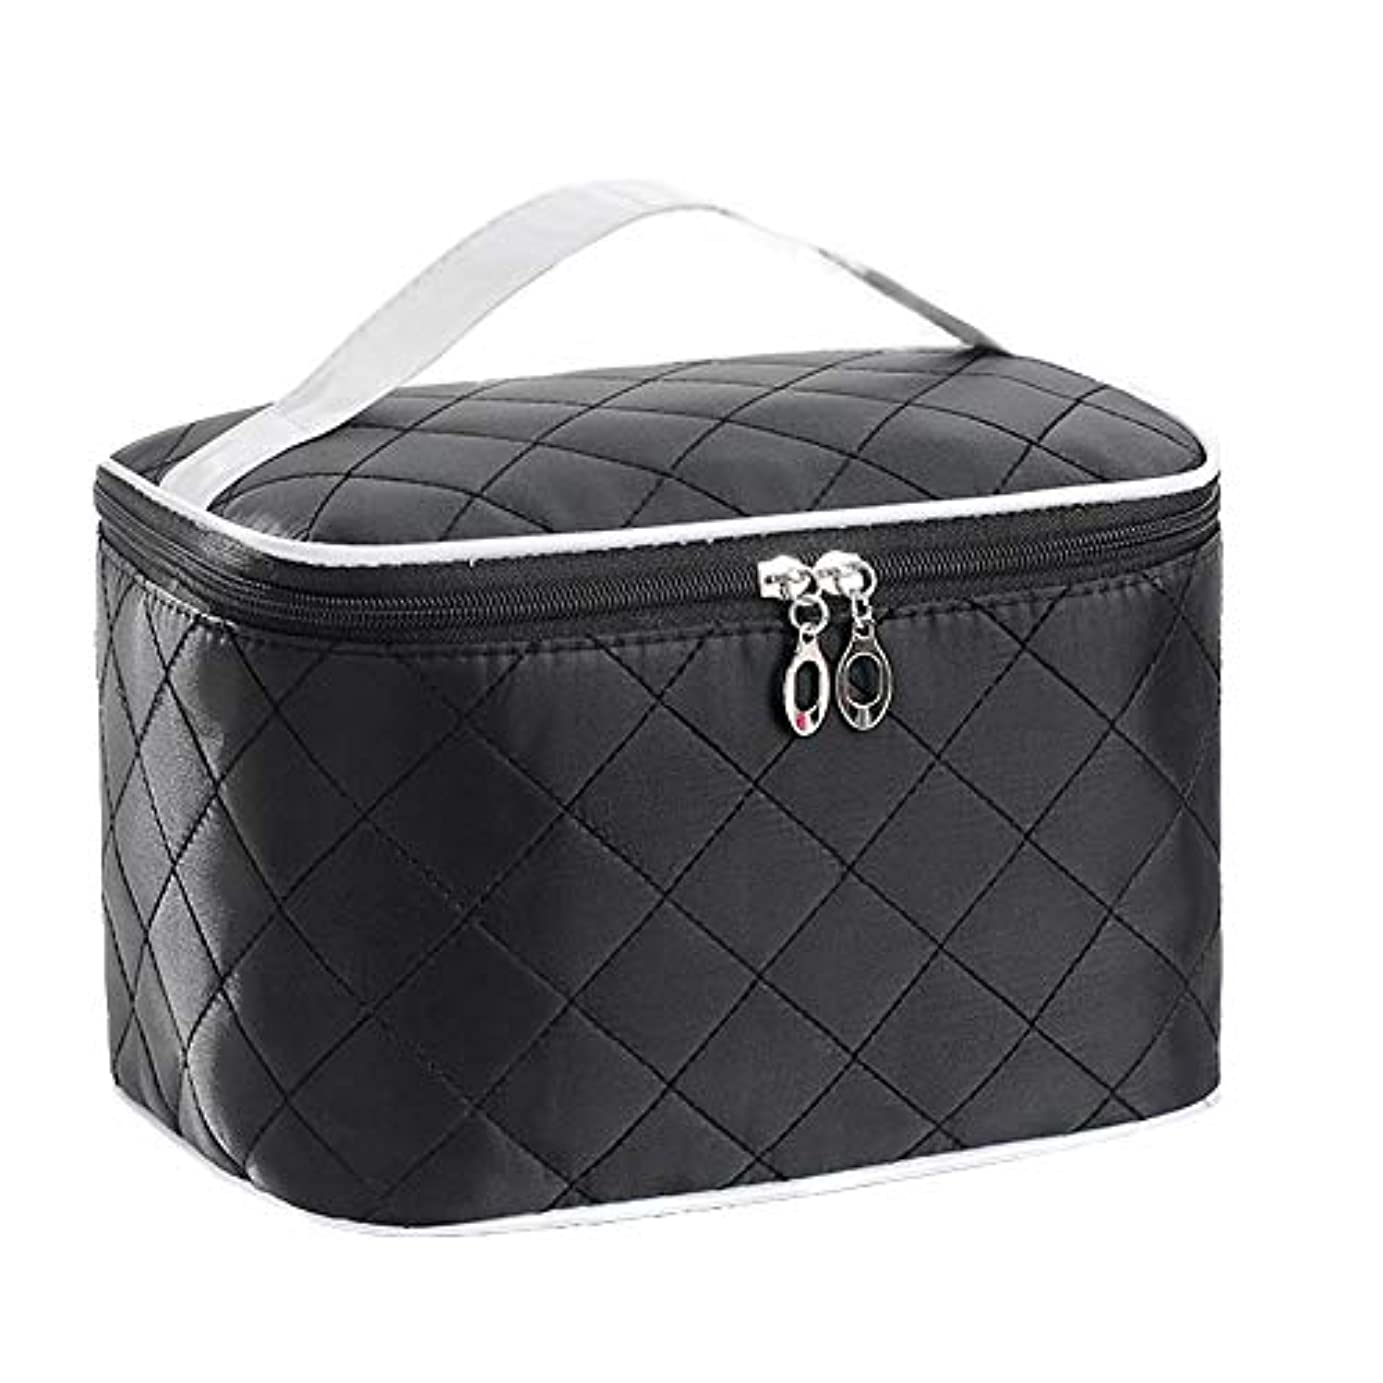 魅了する求めるブレーク特大スペース収納ビューティーボックス 女の子の女性旅行のための新しく、実用的な携帯用化粧箱およびロックおよび皿が付いている毎日の貯蔵 化粧品化粧台 (色 : ブラック)